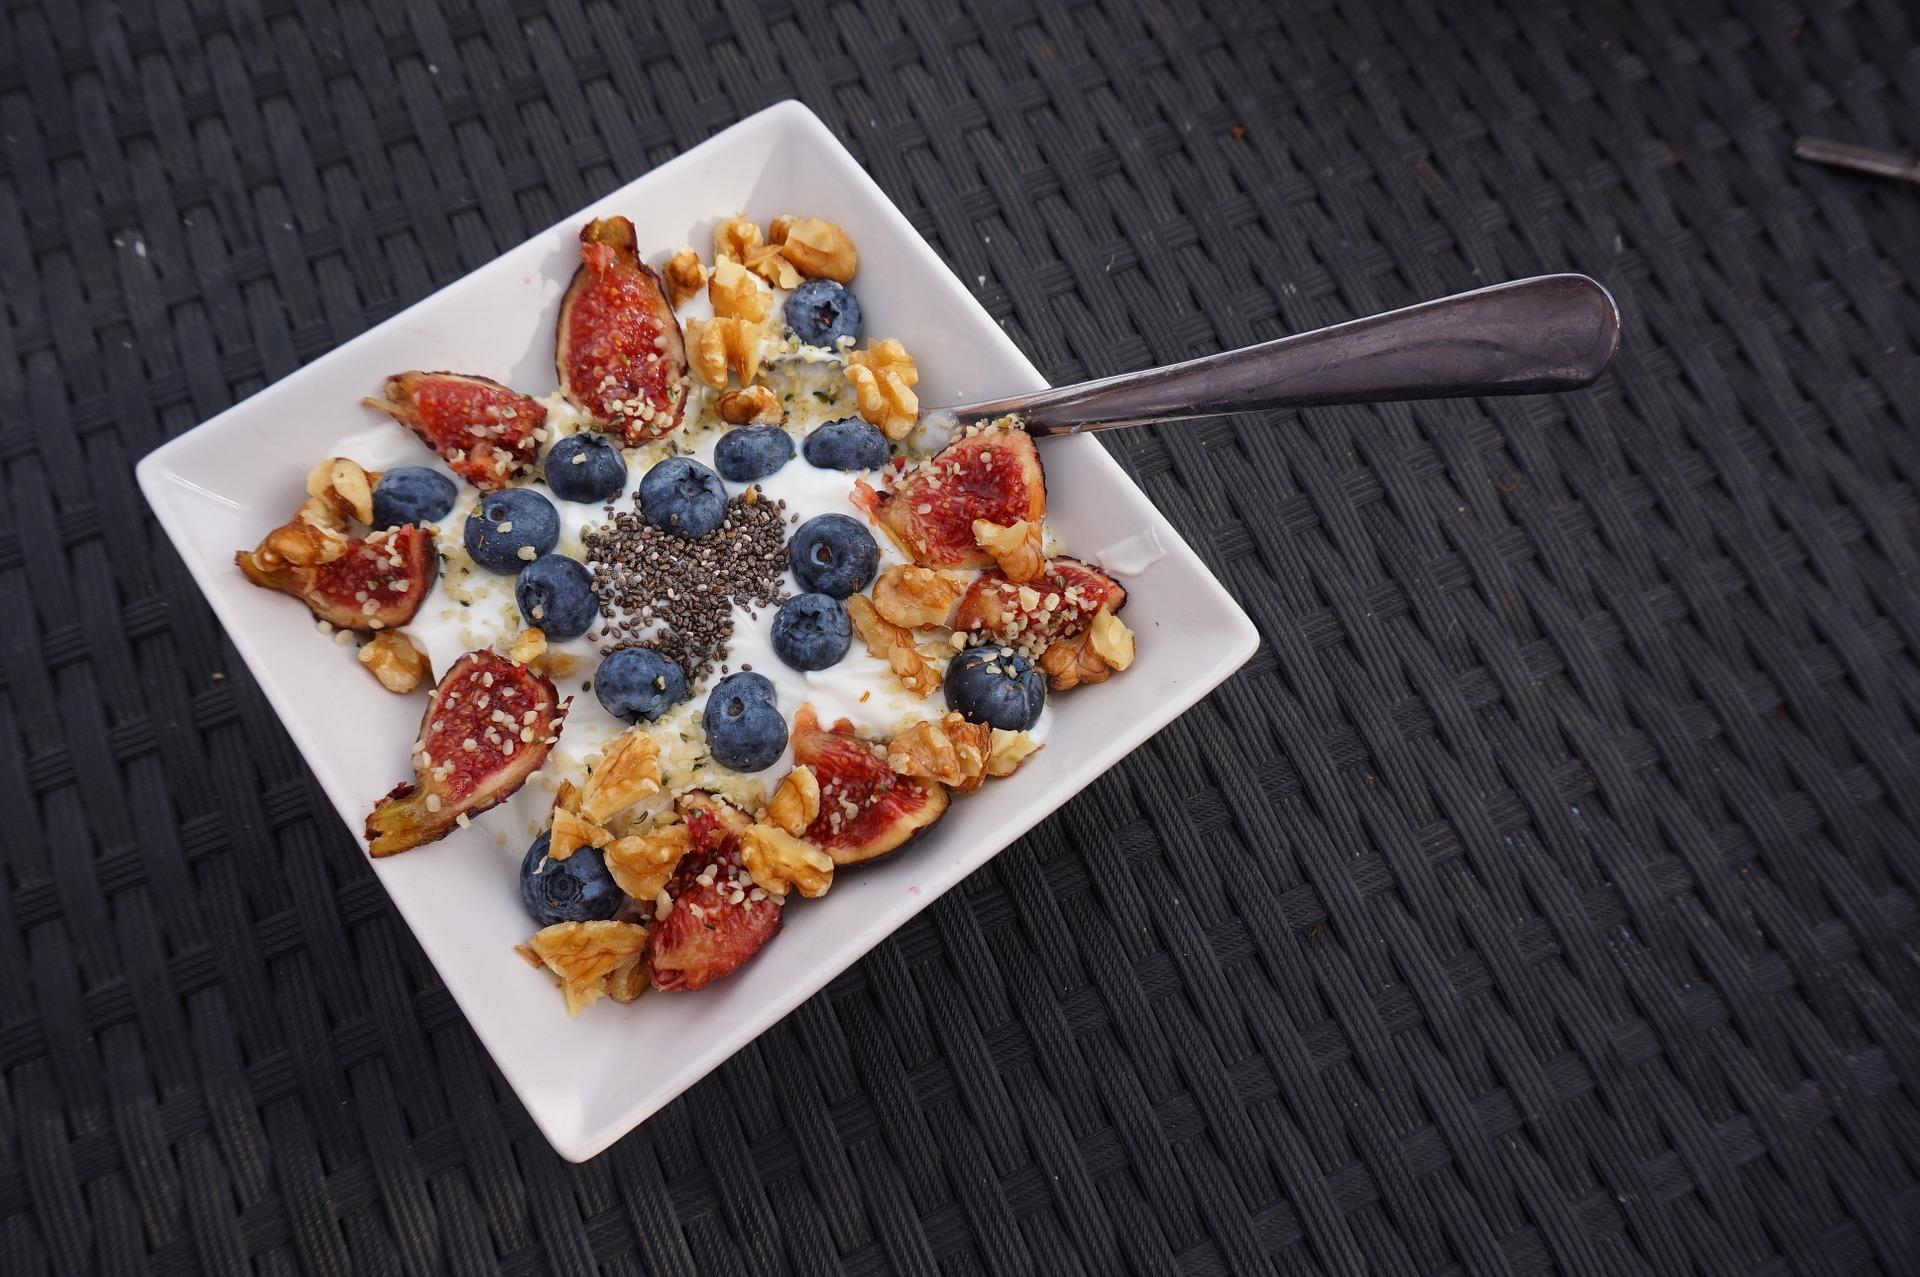 Basisches Feigen-Blaubeeren-Walnuss-Porridge